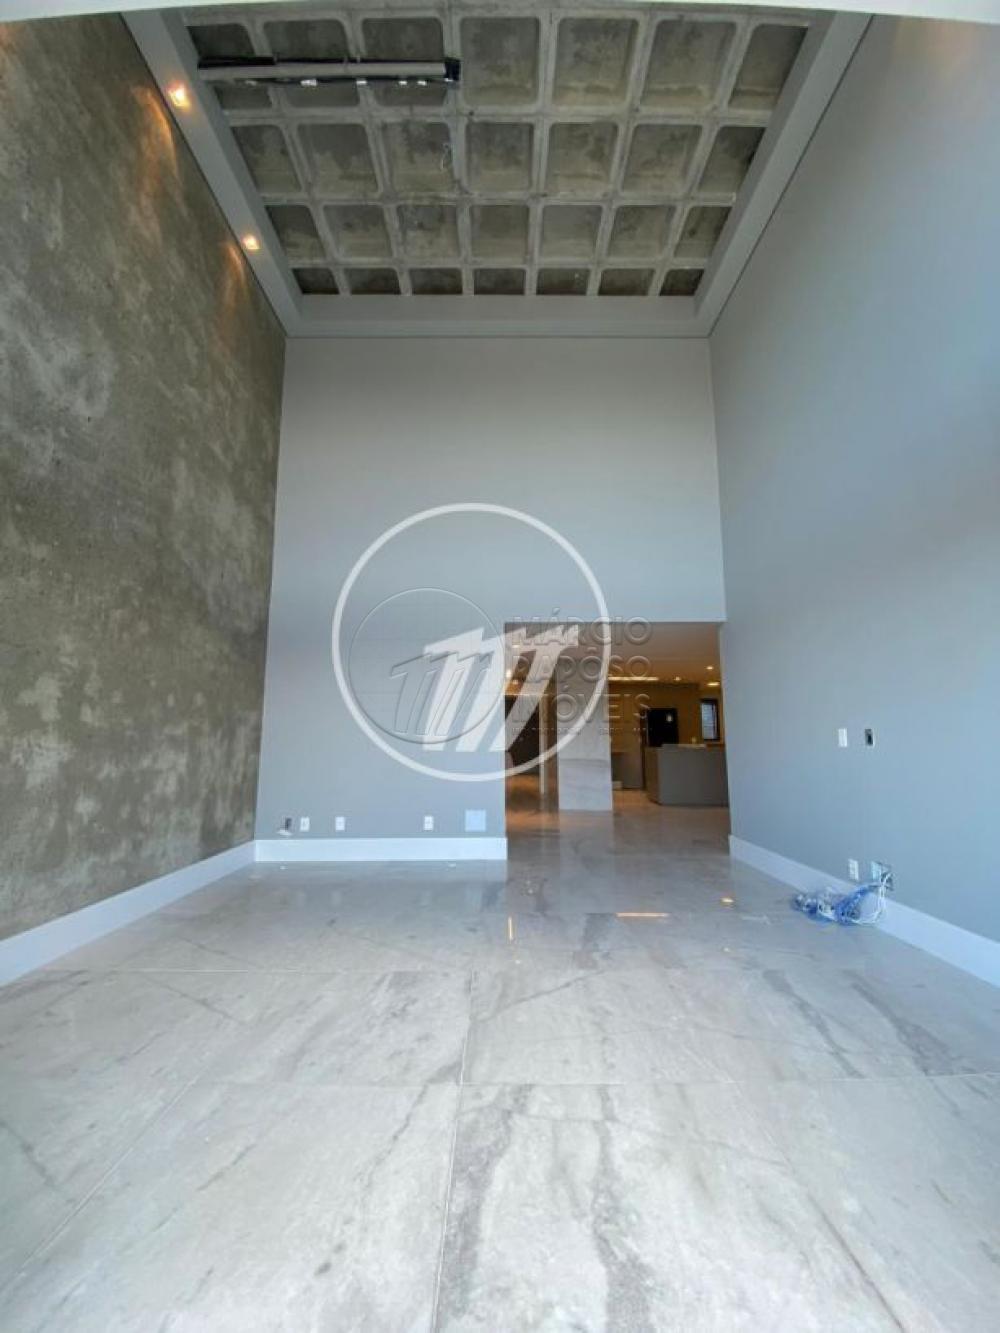 Comprar Apartamento / Flat em Maceió apenas R$ 1.700.000,00 - Foto 17